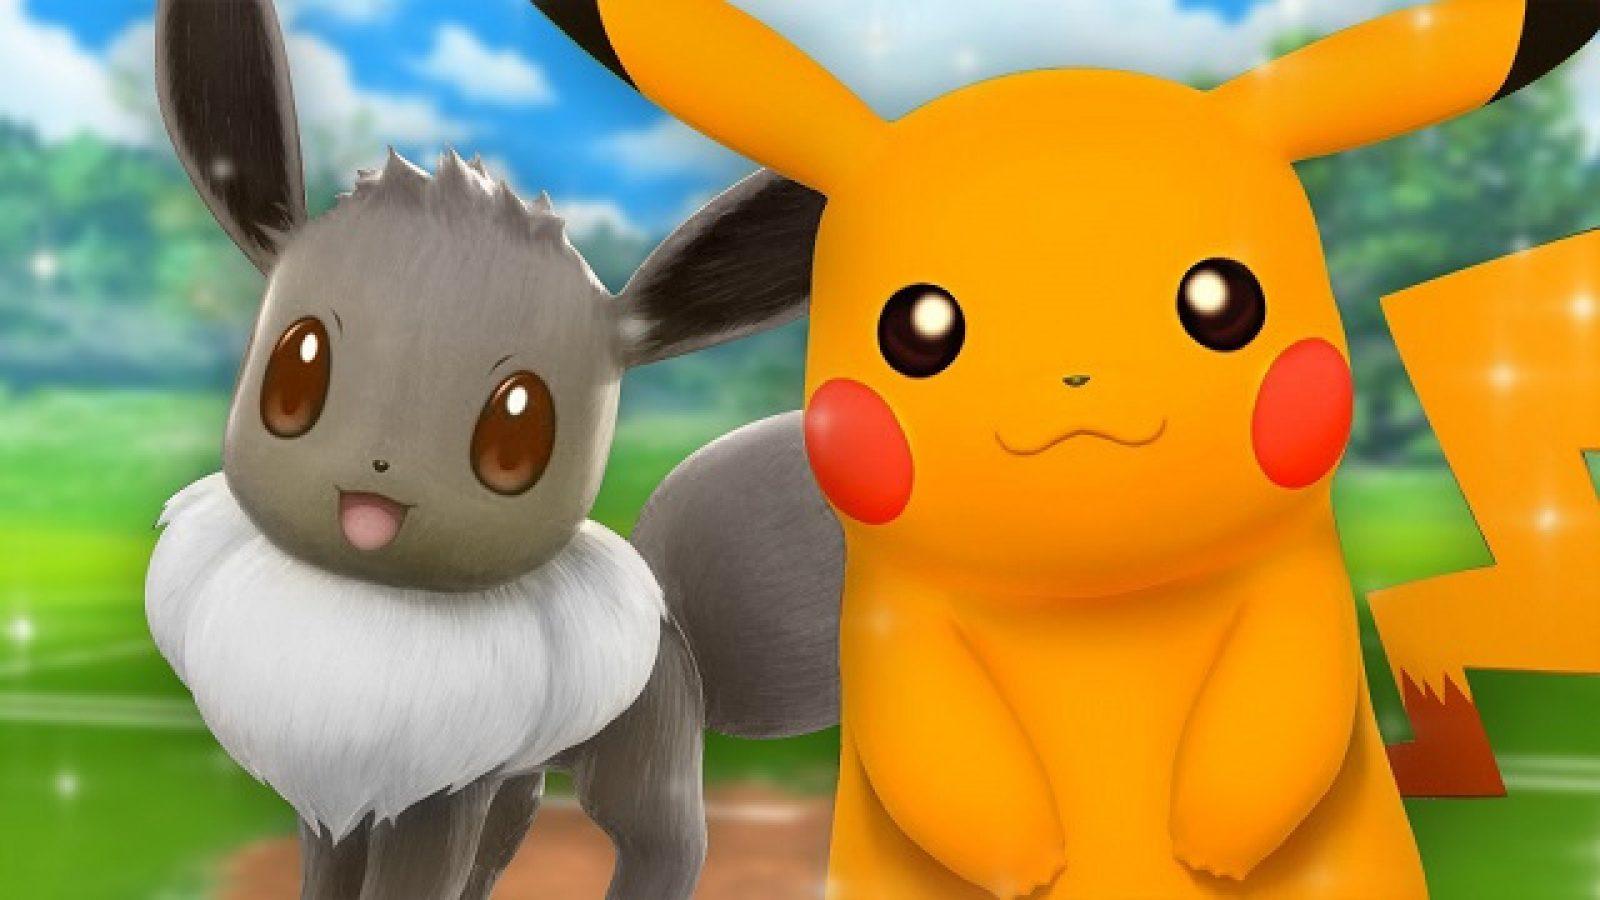 Das erste britische Pokémon-Center wird im Oktober eröffnet 1